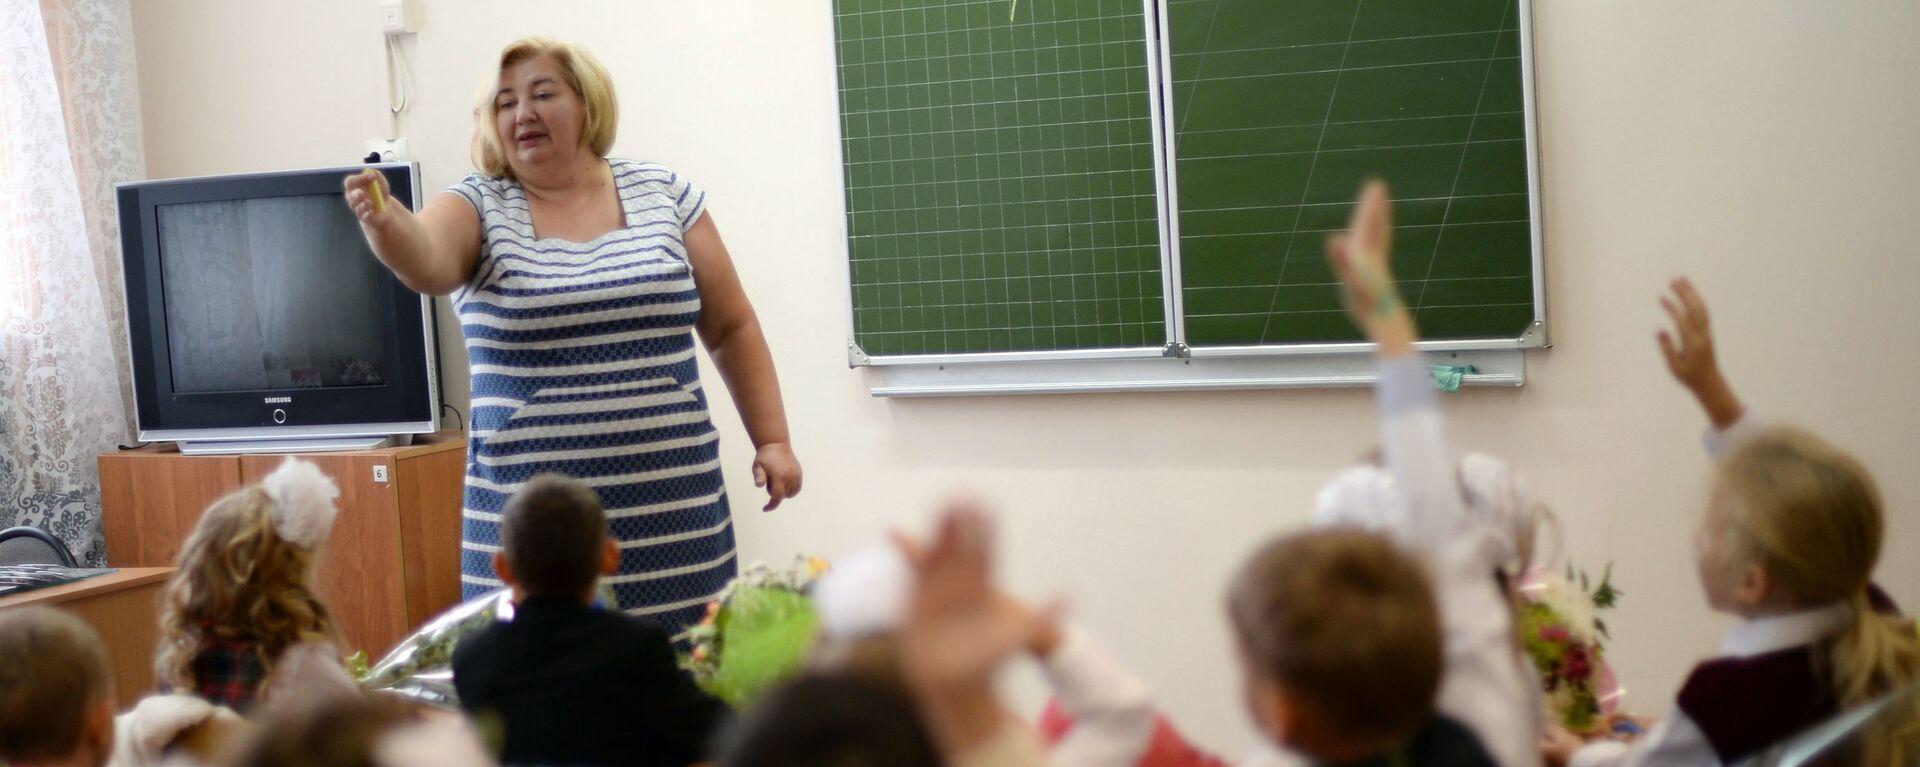 Ученики на уроке - Sputnik Латвия, 1920, 21.06.2021